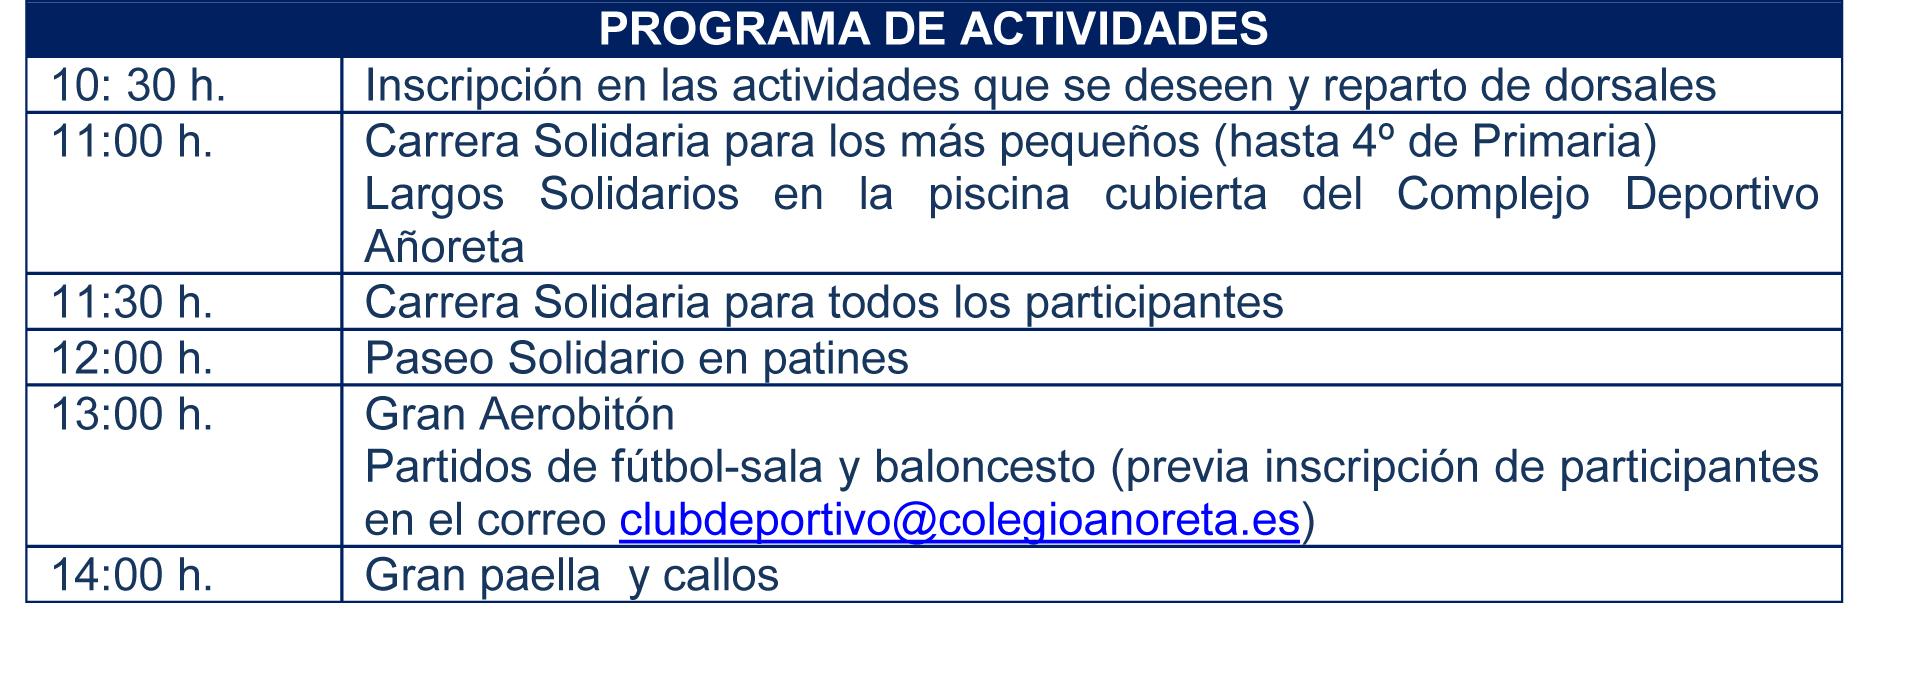 Programa_Actividades